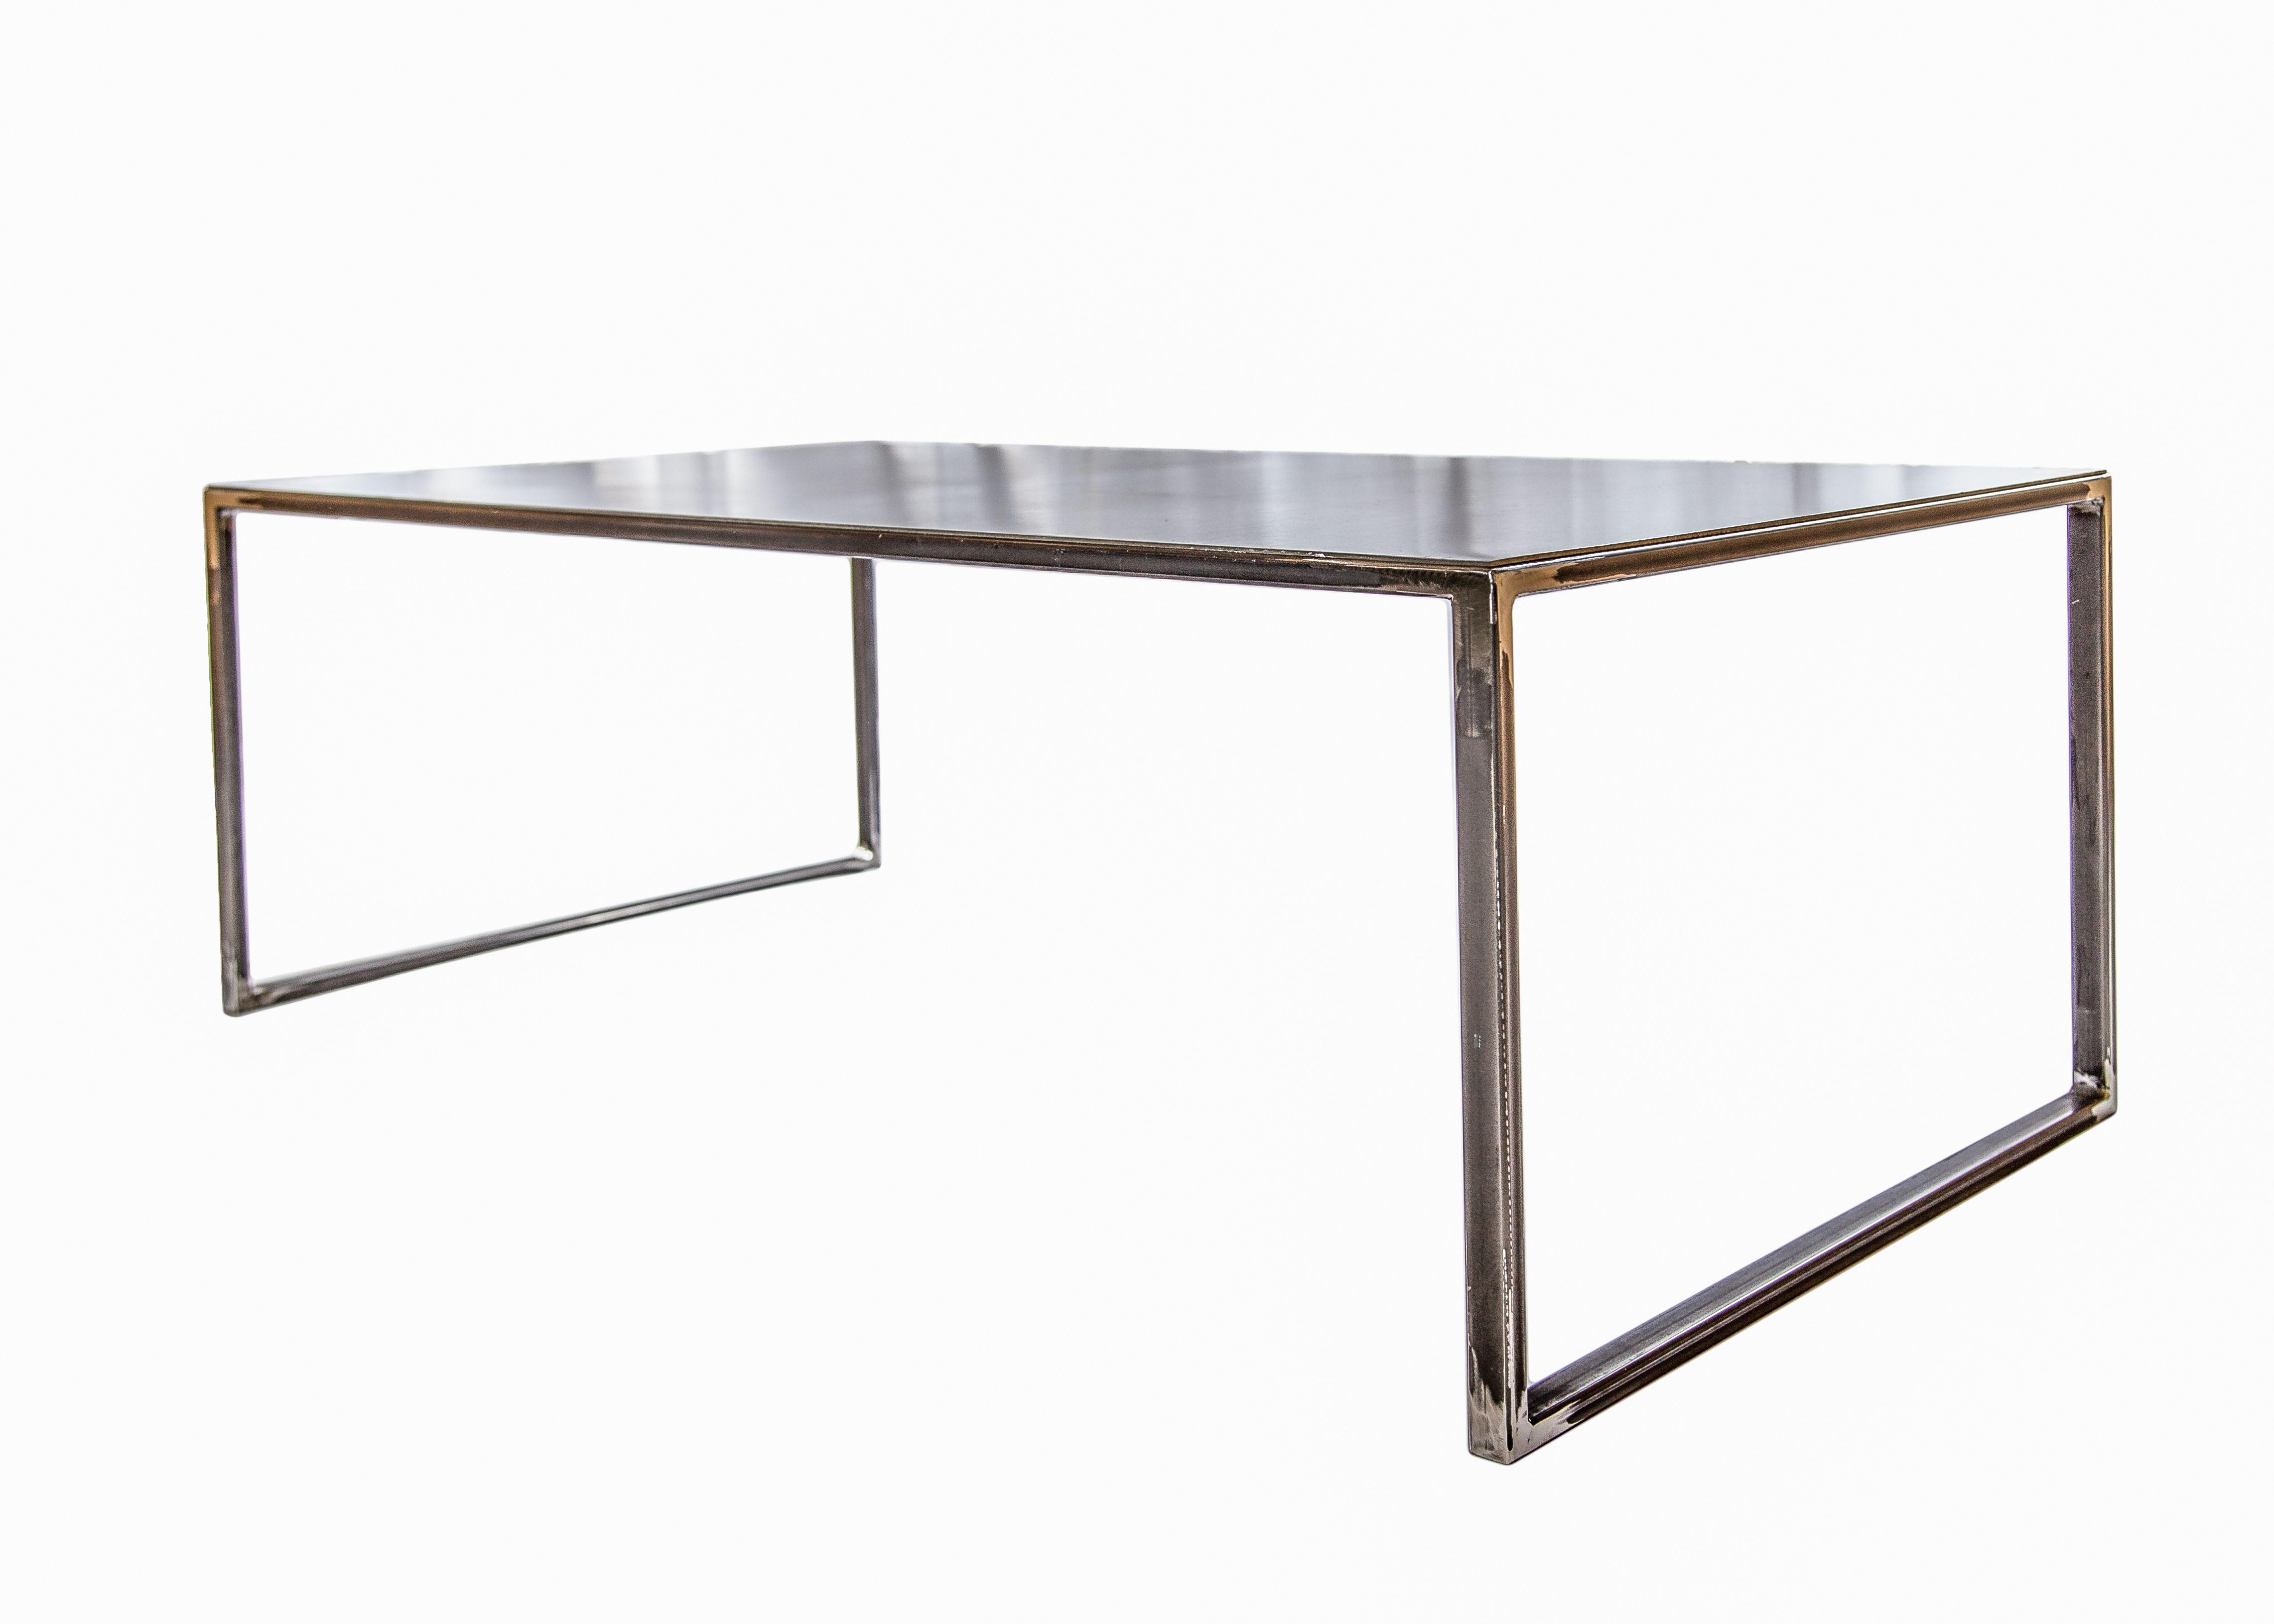 Dimensioni Standard Tavolo Cucina altezza tavolo da cucina